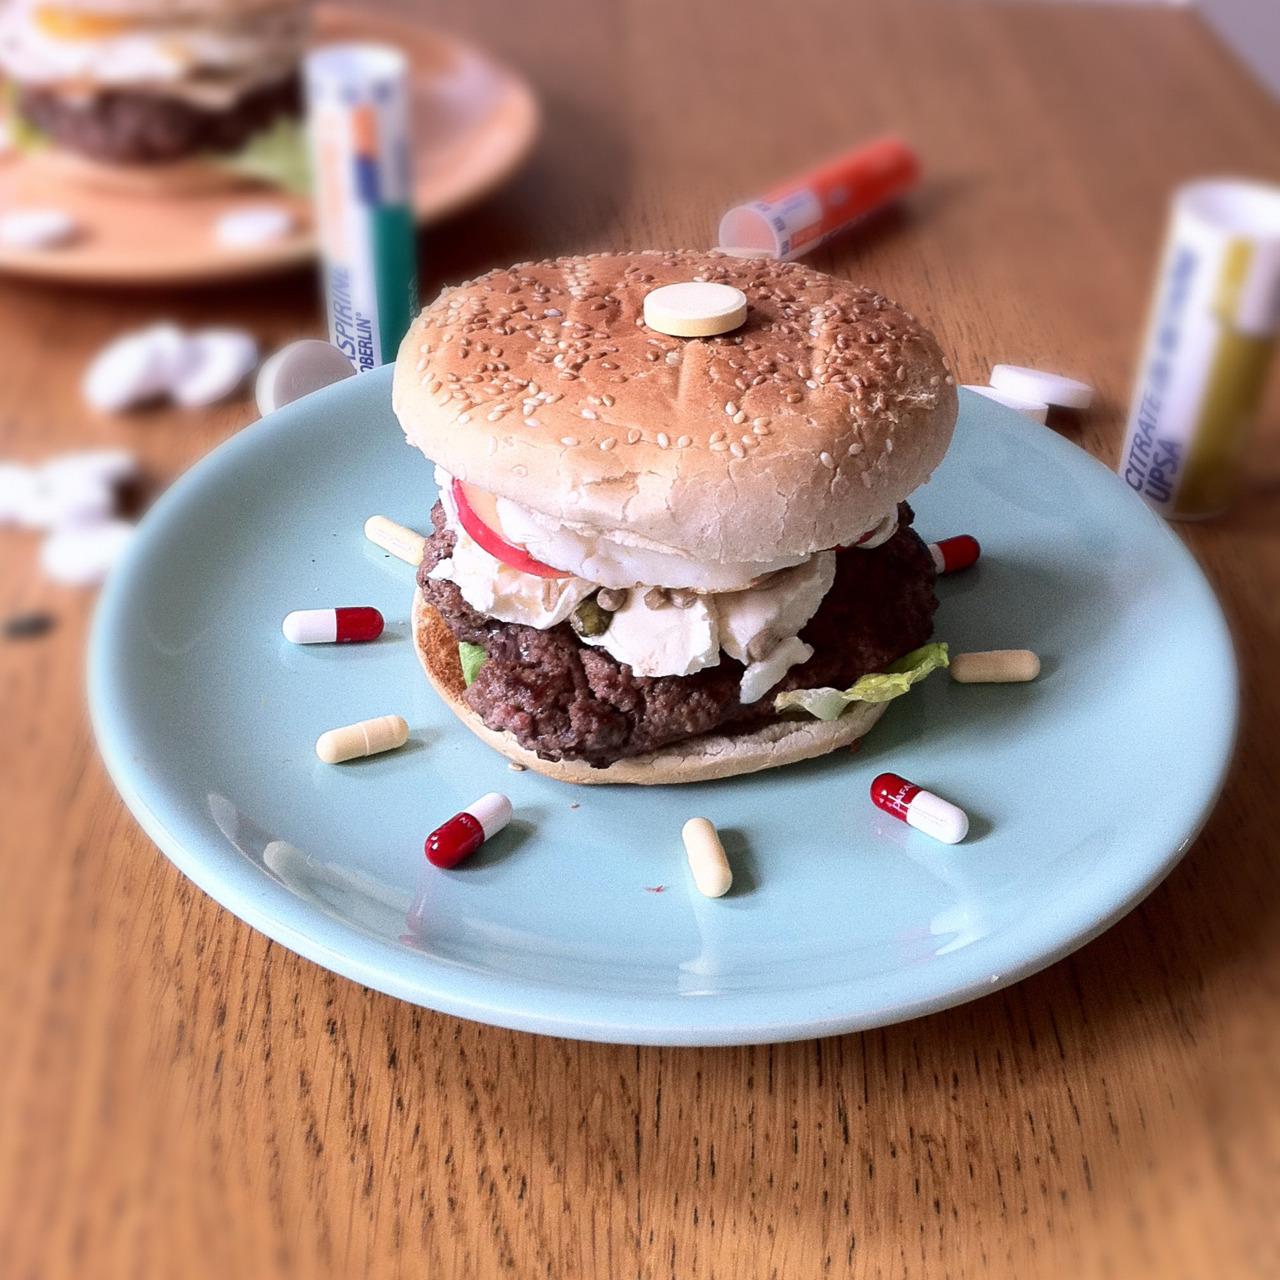 Docteur burger - Fat and furious